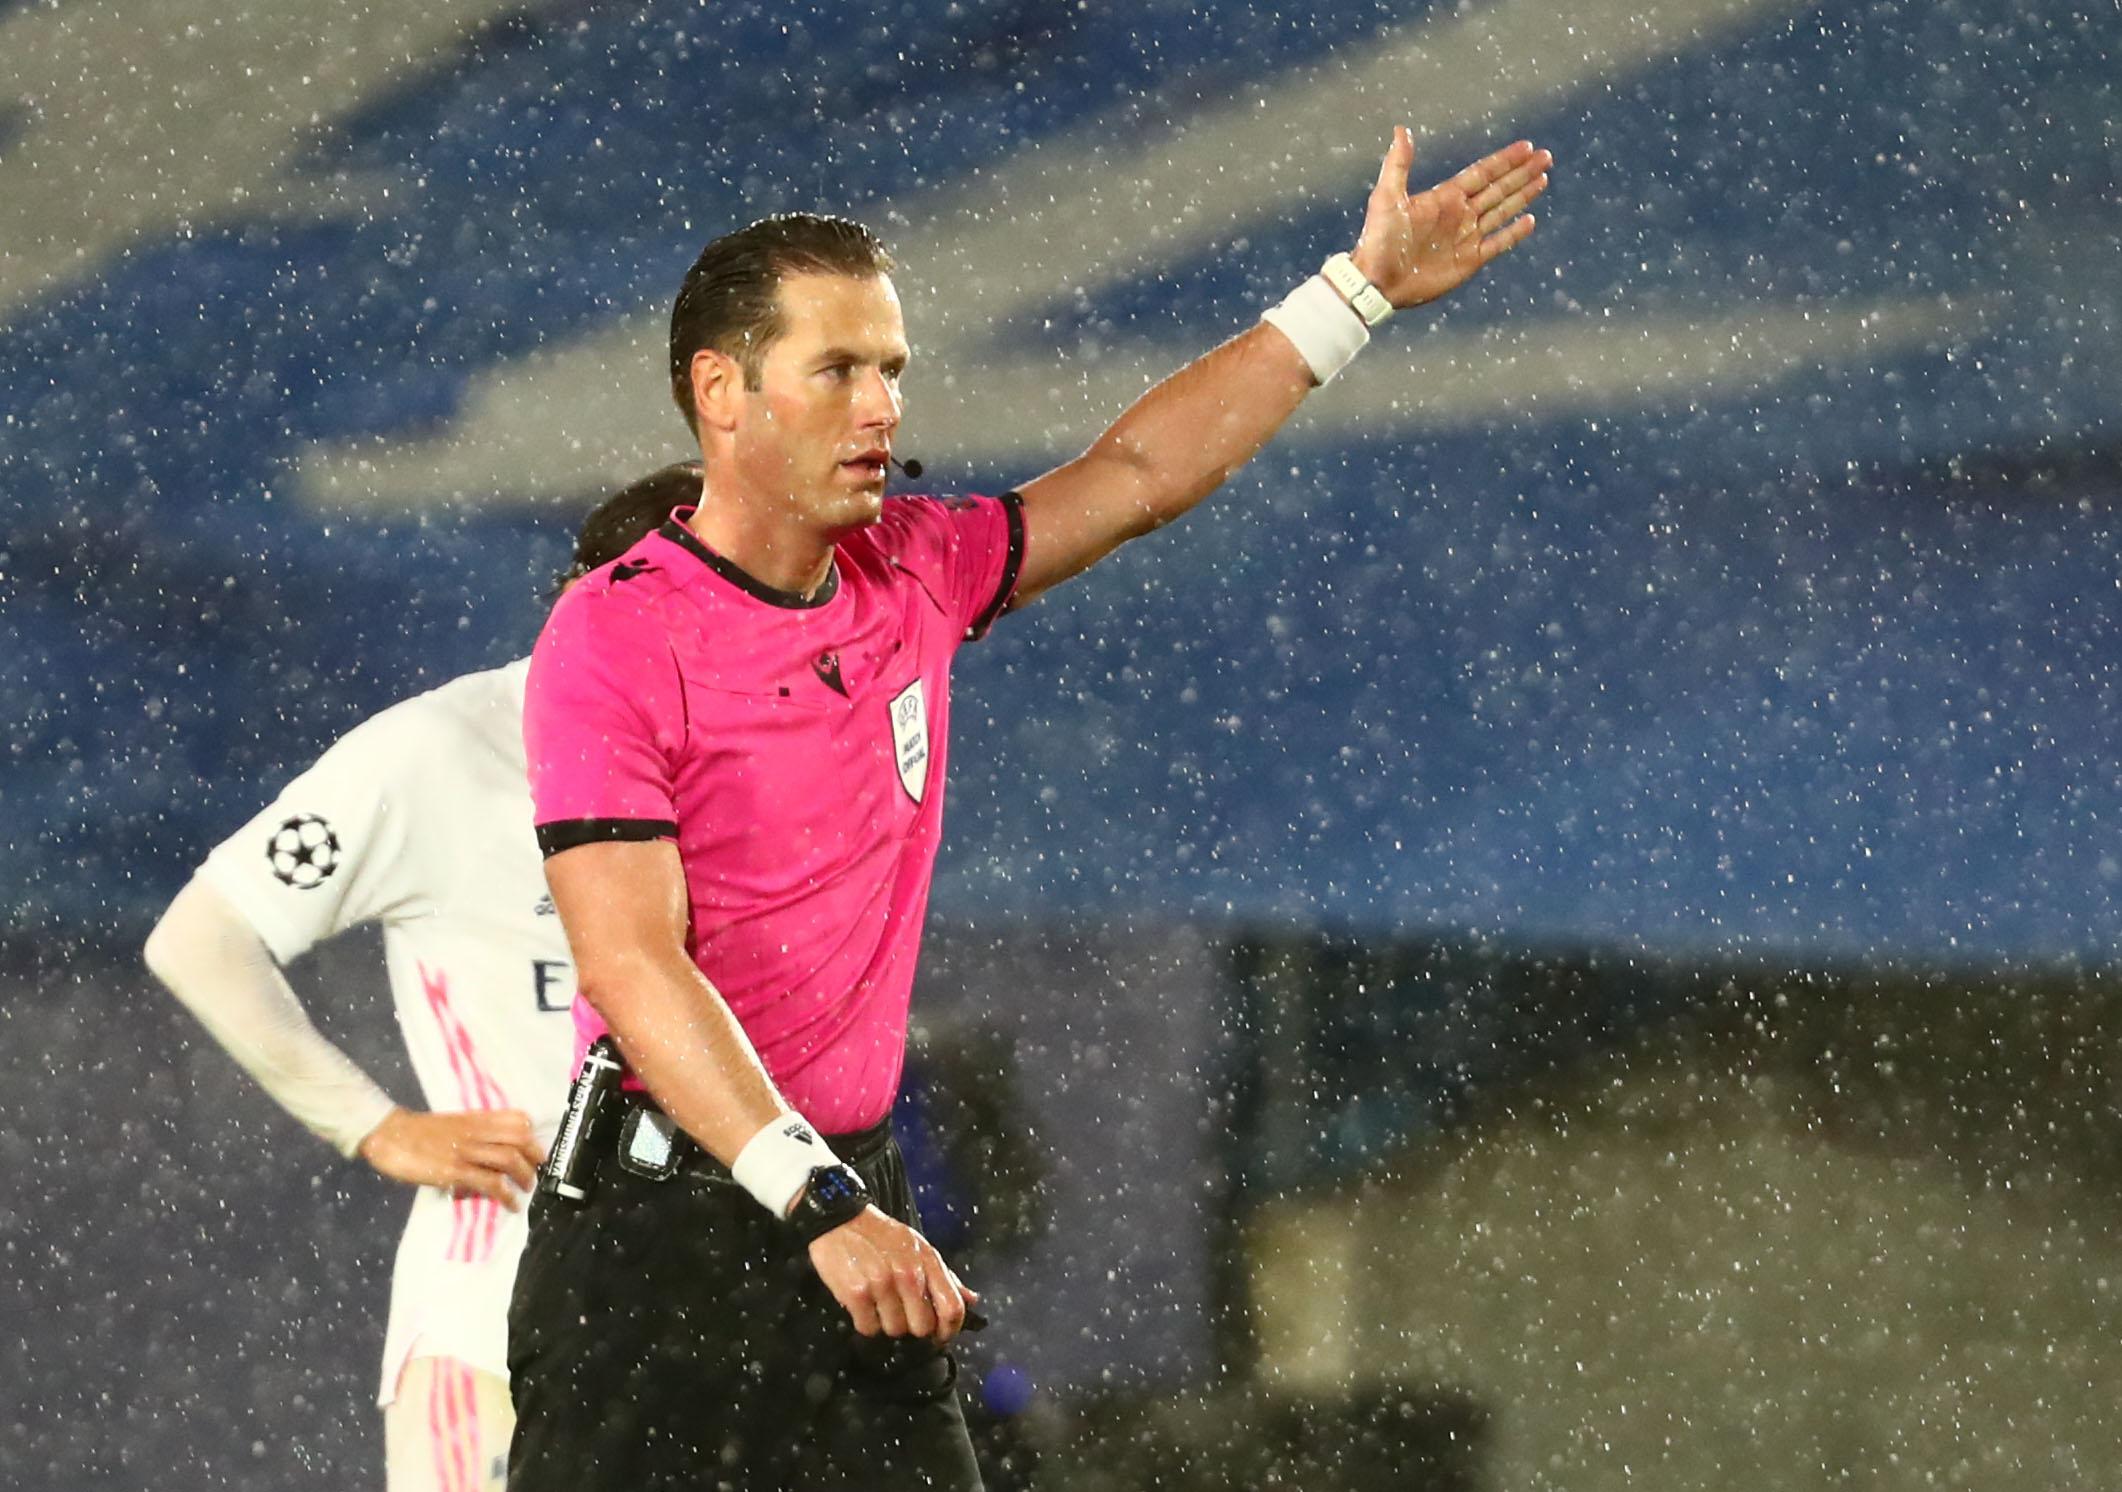 Κύπελλο Ελλάδας: Ανακοινώθηκε Elite διαιτητής για τον τελικό